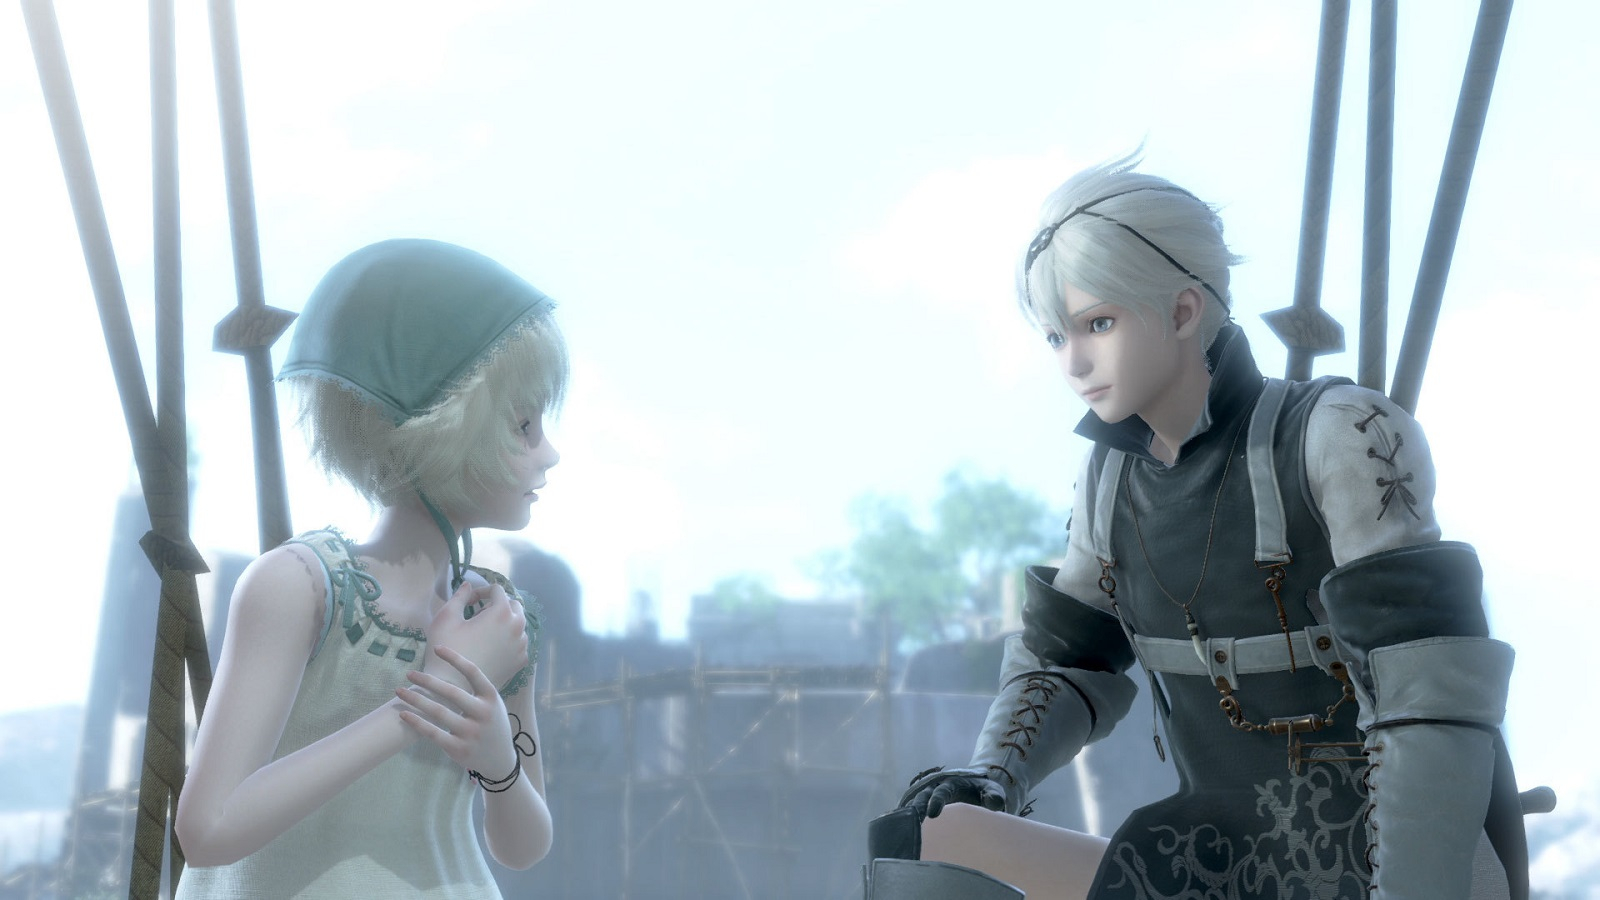 Square Enix с опозданием сообщила об отправке NieR Replicant ver.1.22474487139… на золото